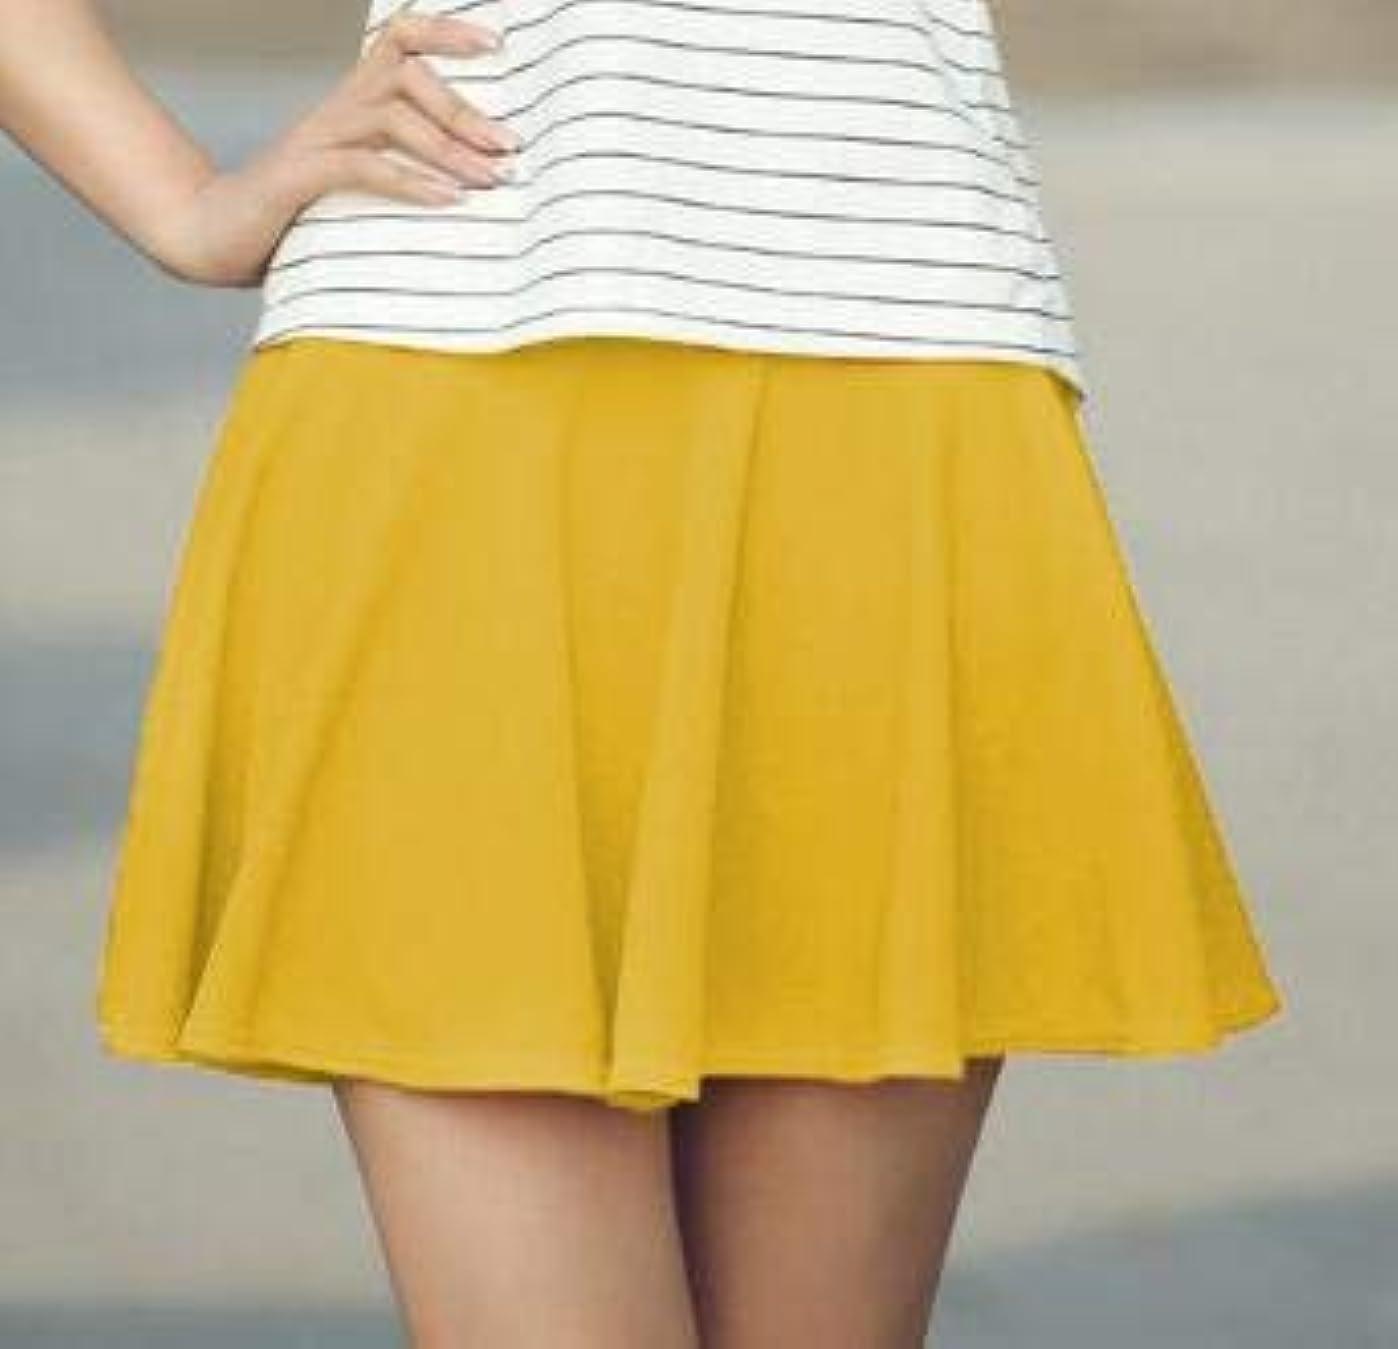 プレミアムバンジョーぼかしYMKCBB 短いスカート 夏のソリッドカラープリーツスカートミニショートスカートハイウエスト弾性レディーススカート女の子チュチュスクールボールガウンXxxlイエロー